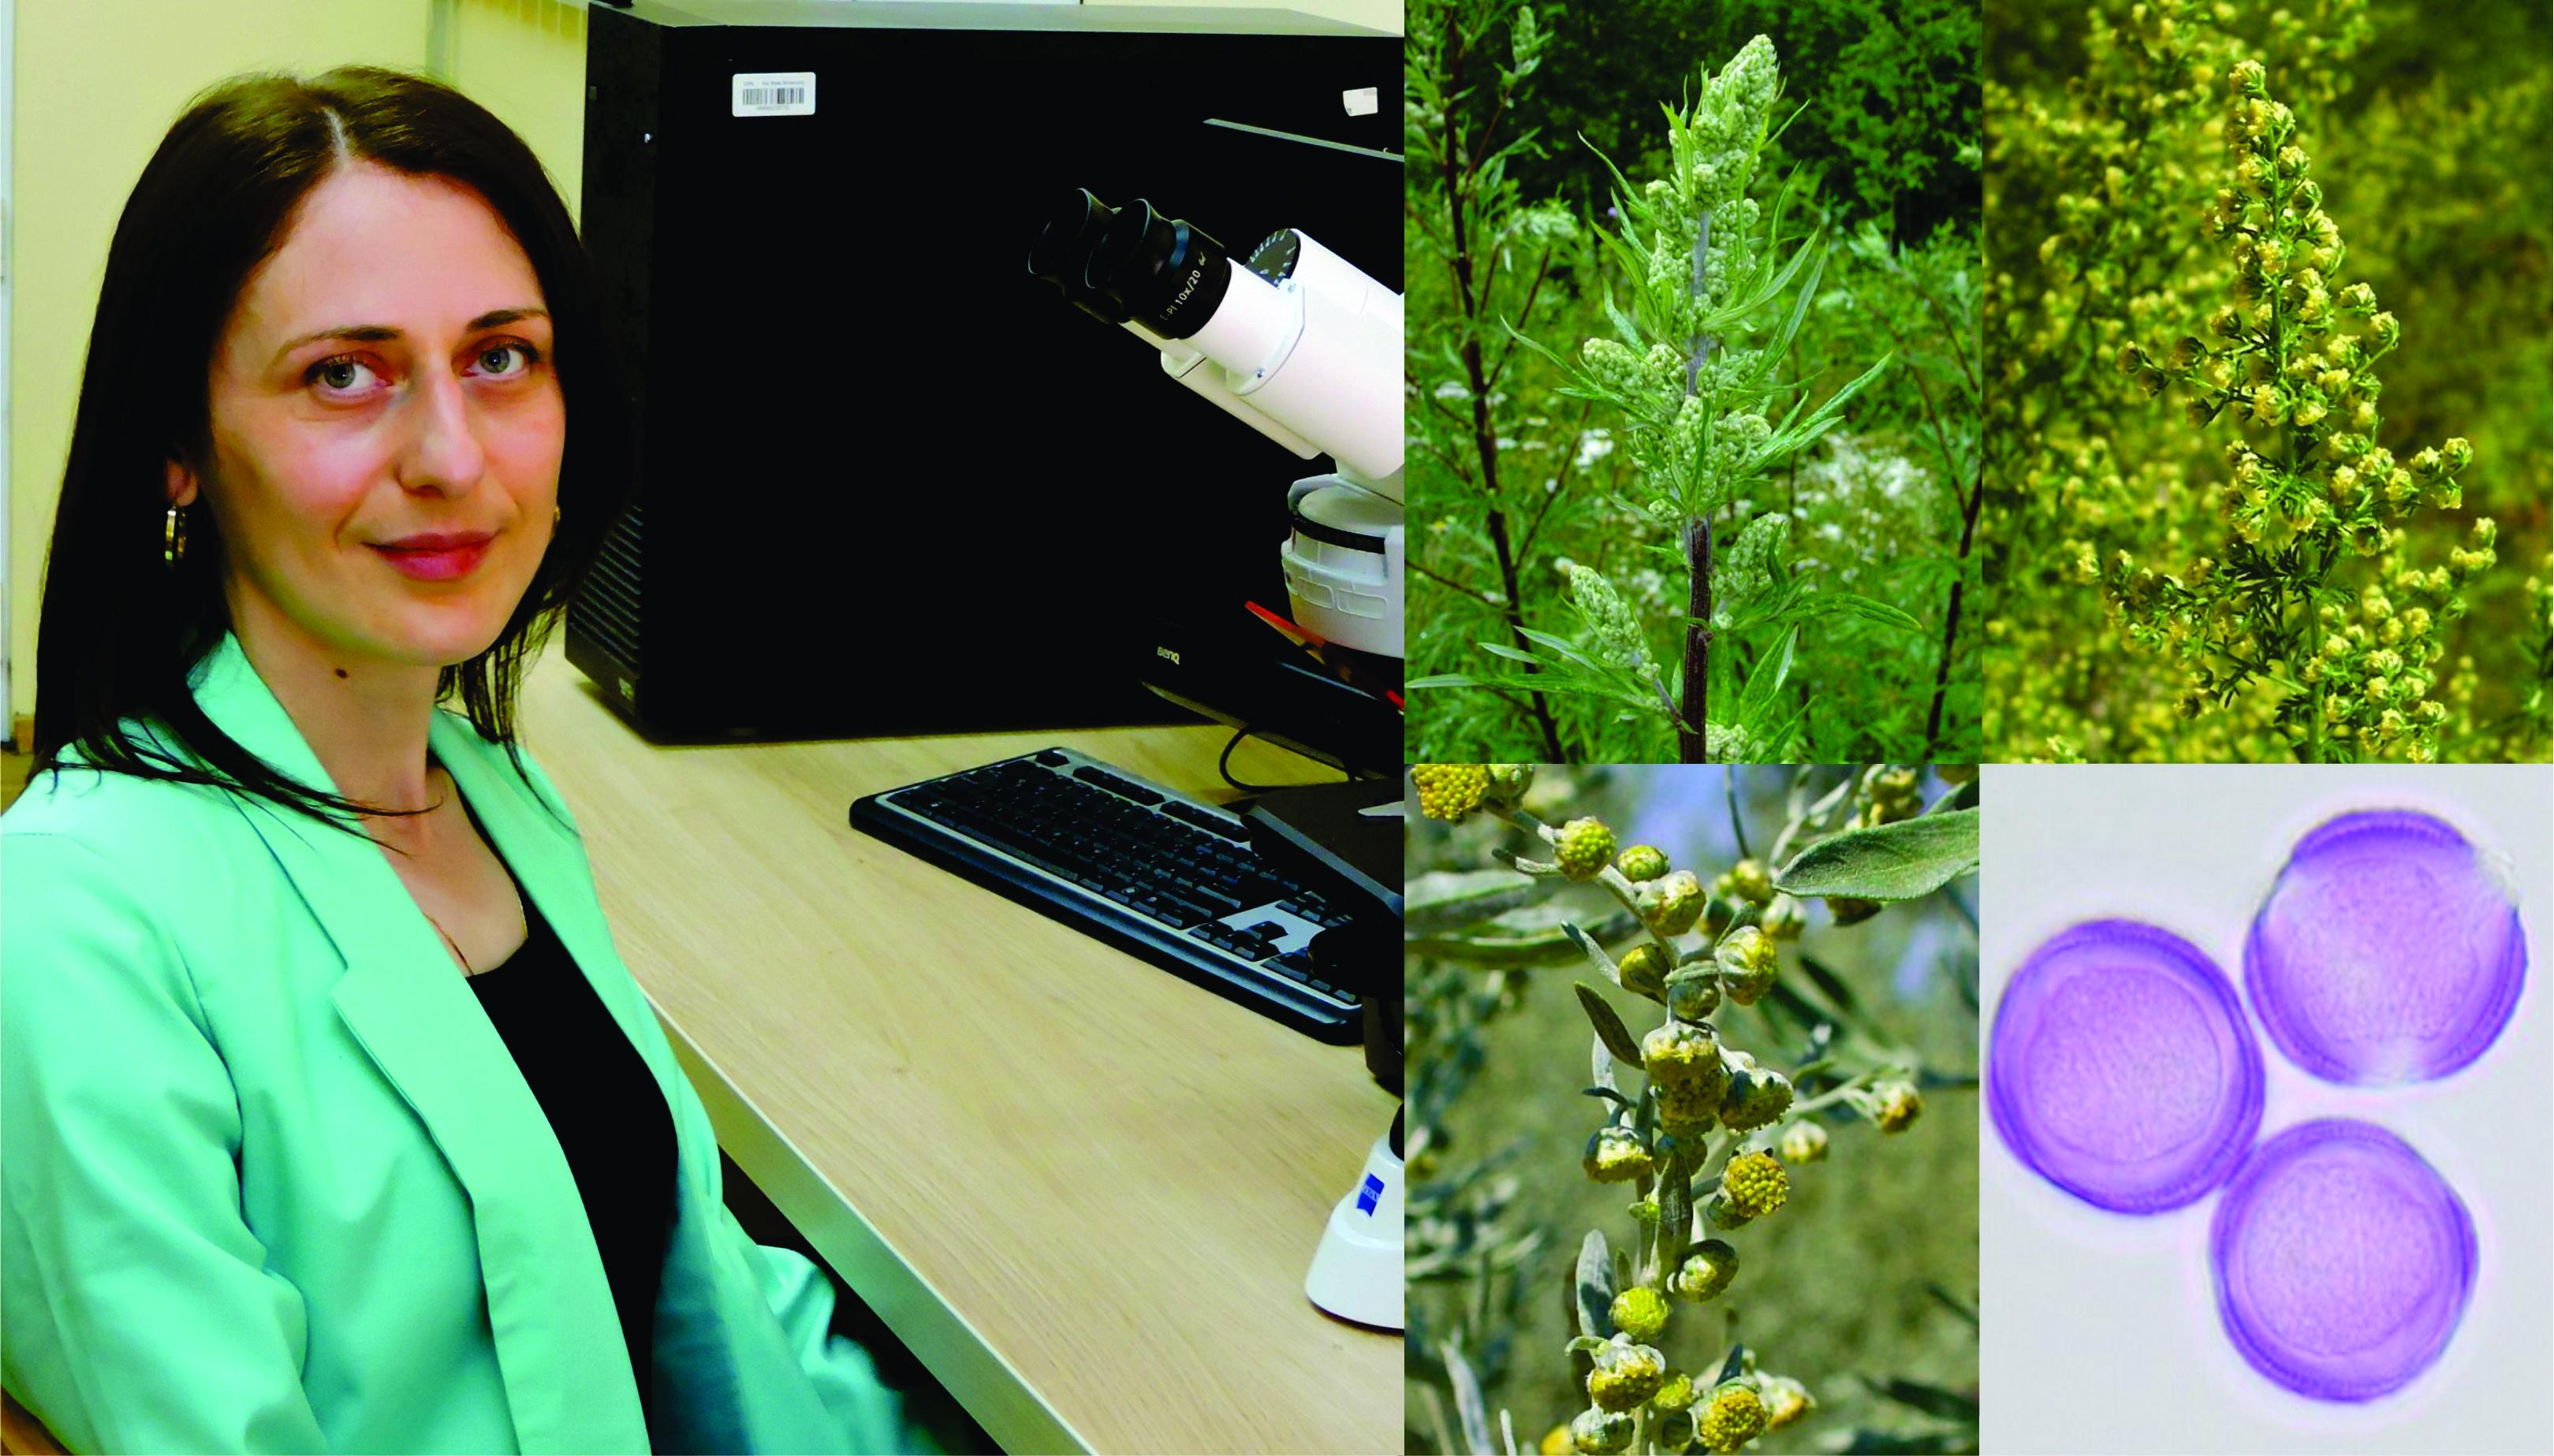 ავშანი - მაღალი ალერგენული თვისებების მქონე მცენარის გვარი